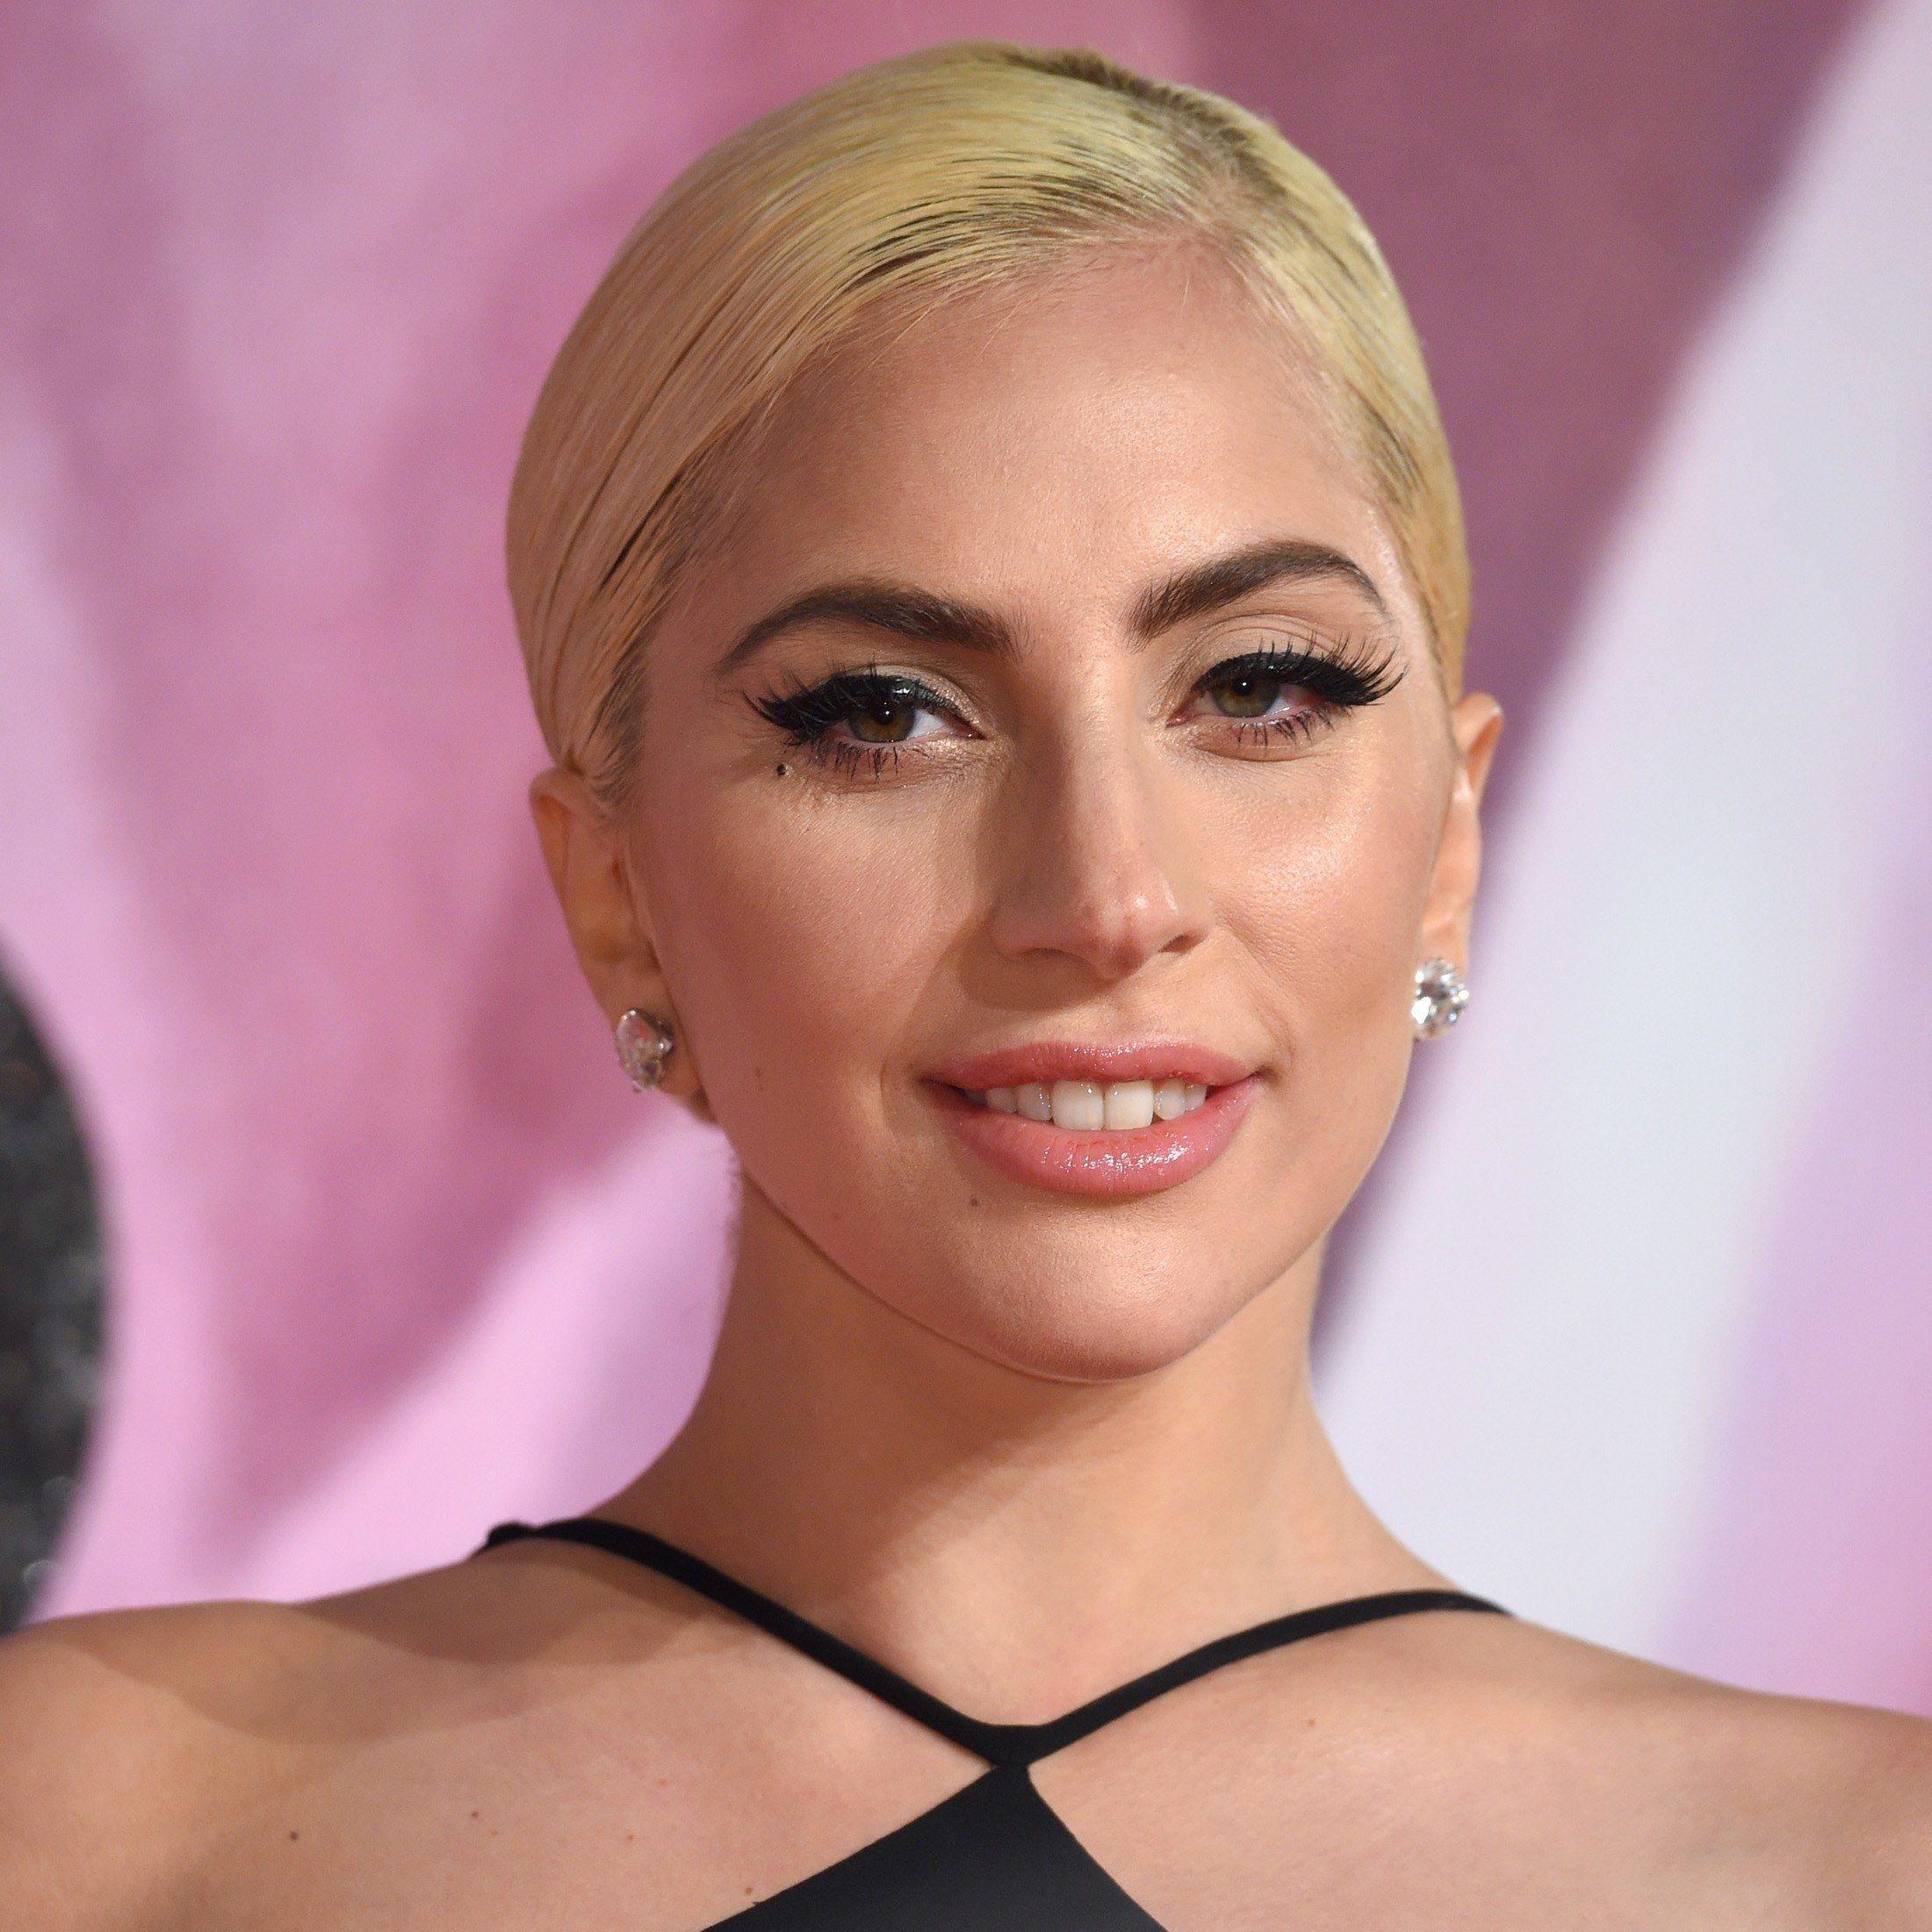 Pin by MaryJane on GAGA | Lady gaga pictures, Lady gaga, Gaga